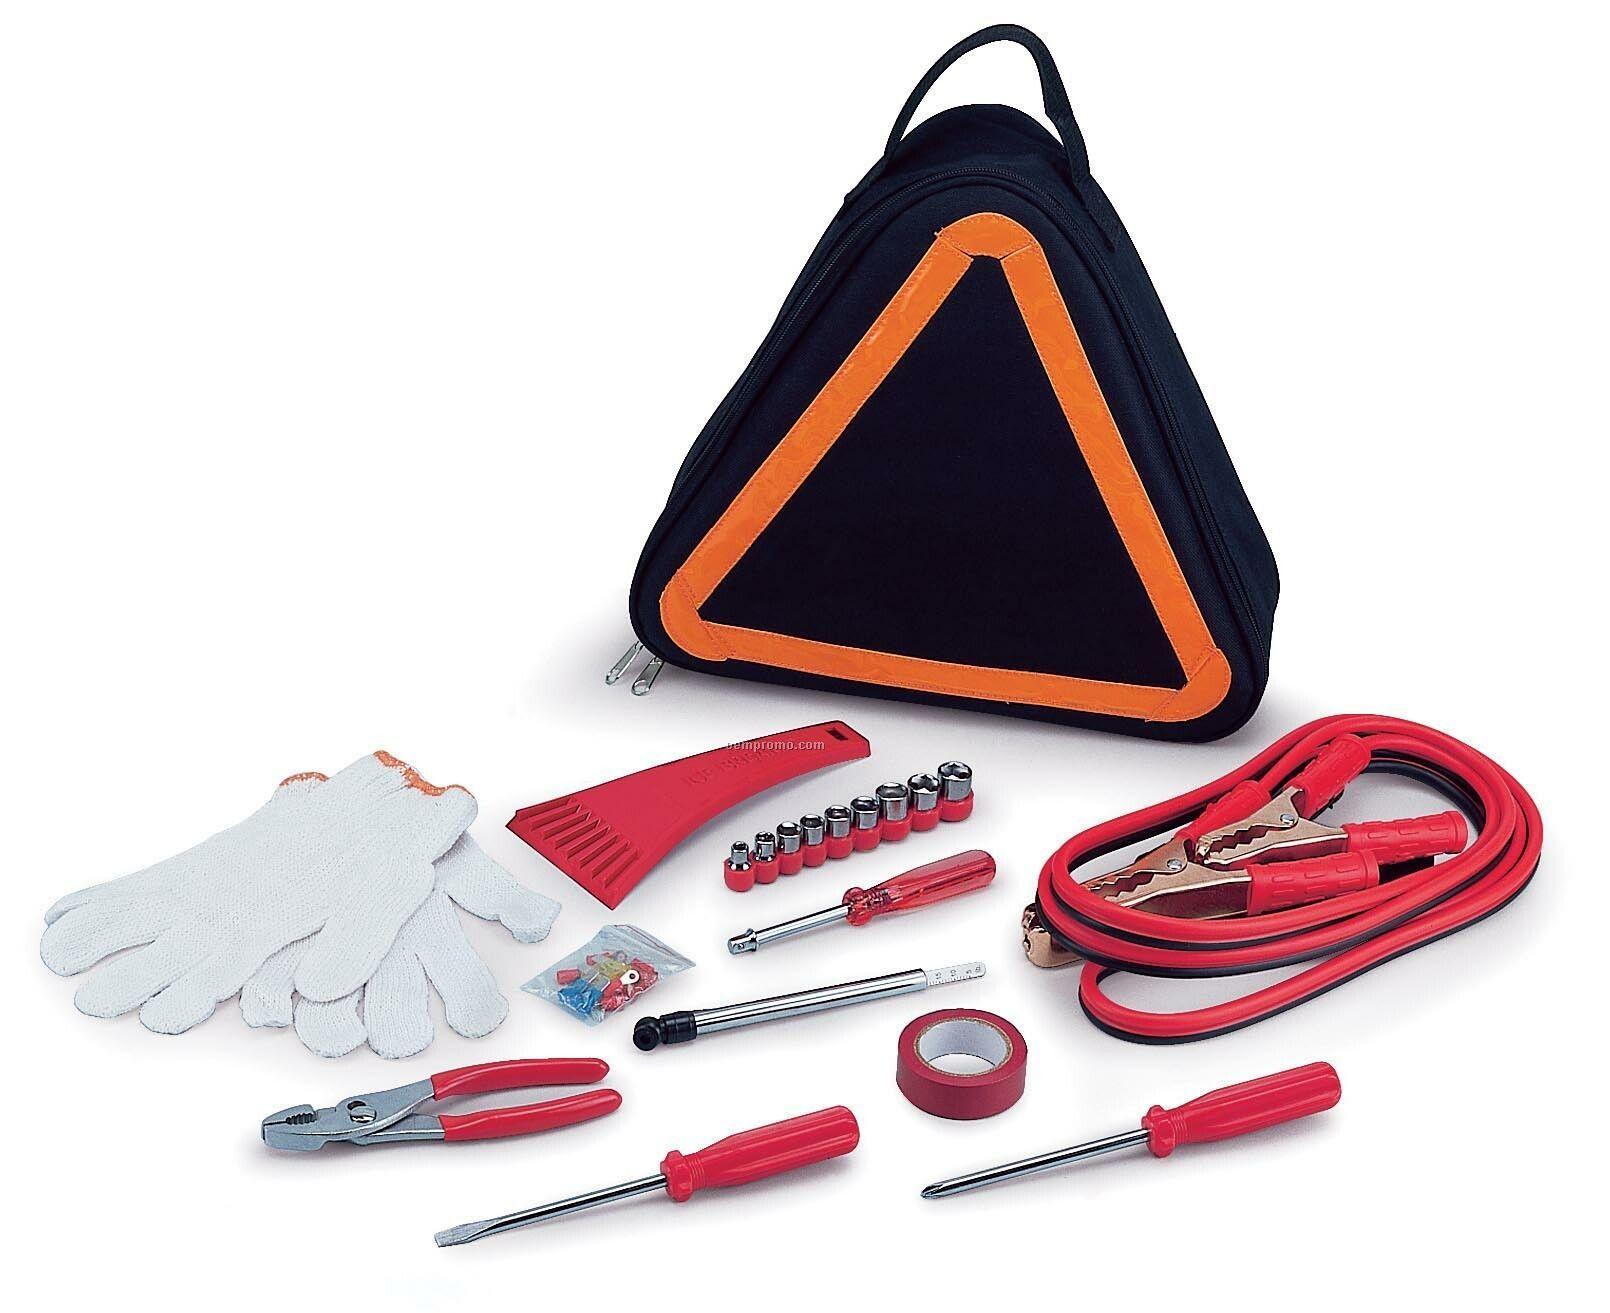 Emergency Roadside Kit In Triangular Shaped Tote Bag